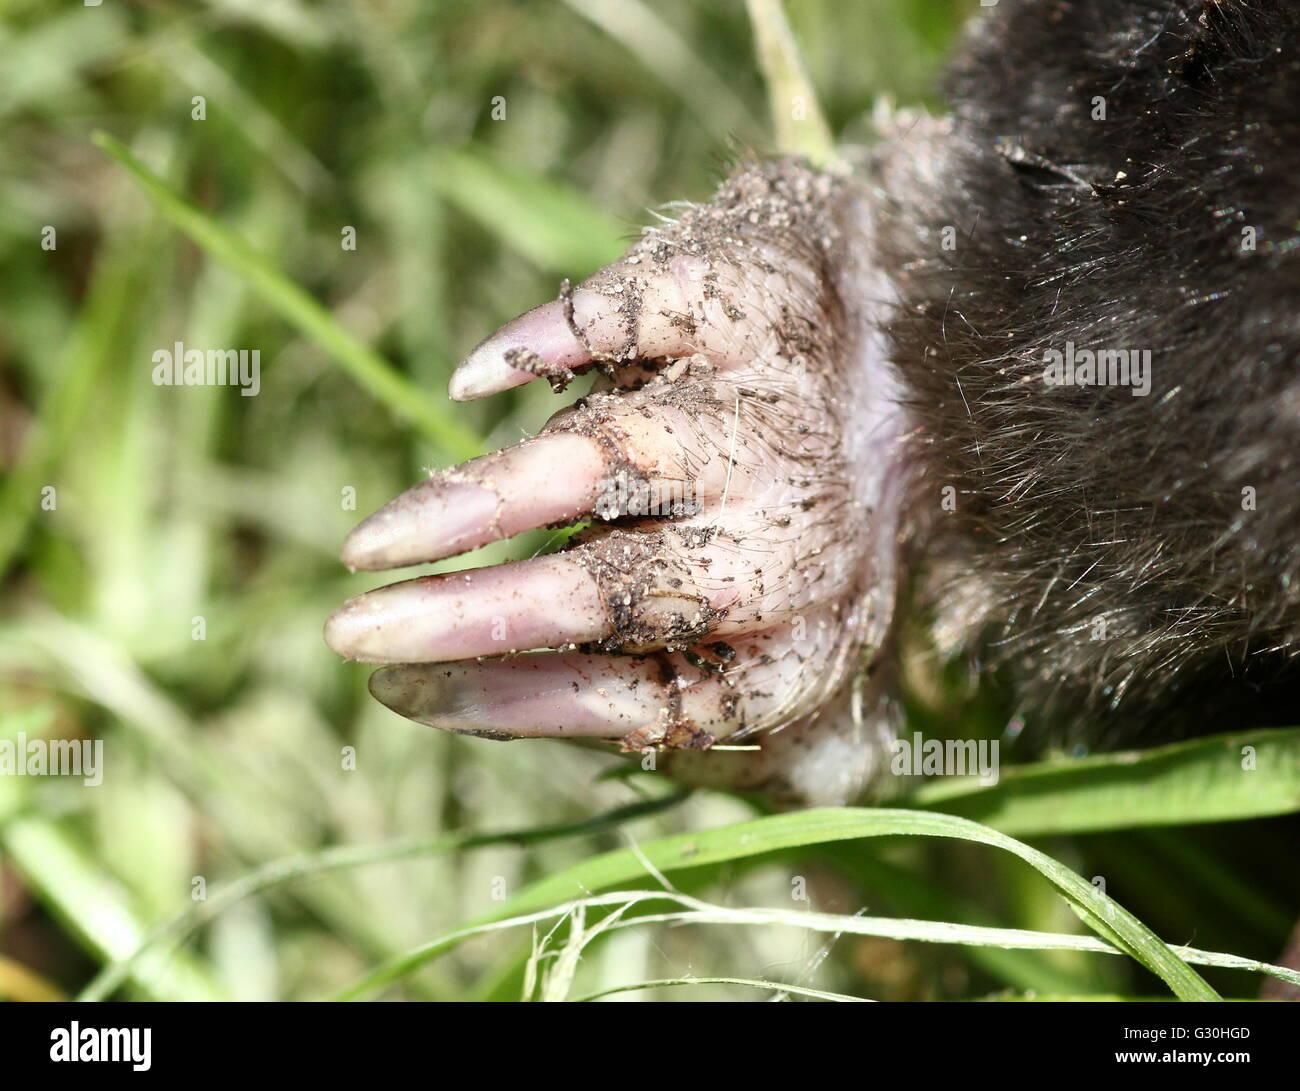 European mole (Talpa europaea), closeup of the left front claw and nails - Stock Image